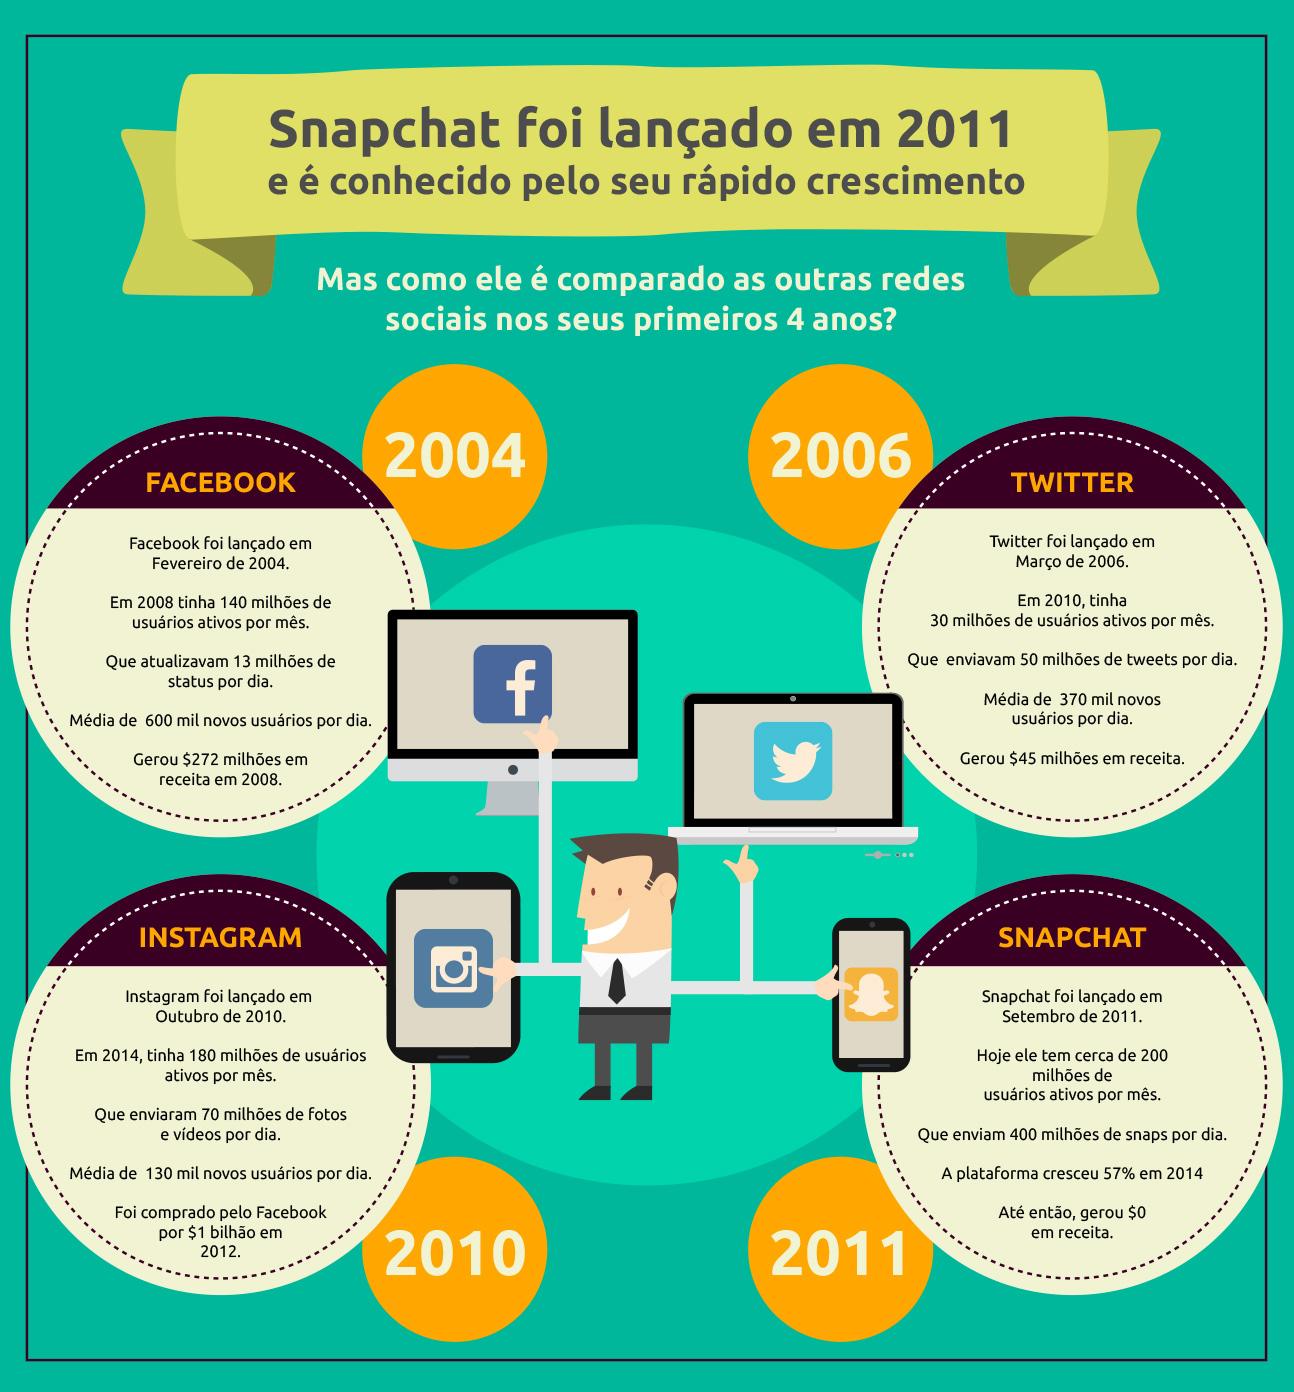 Snapchat: Comparação com outras redes sociais